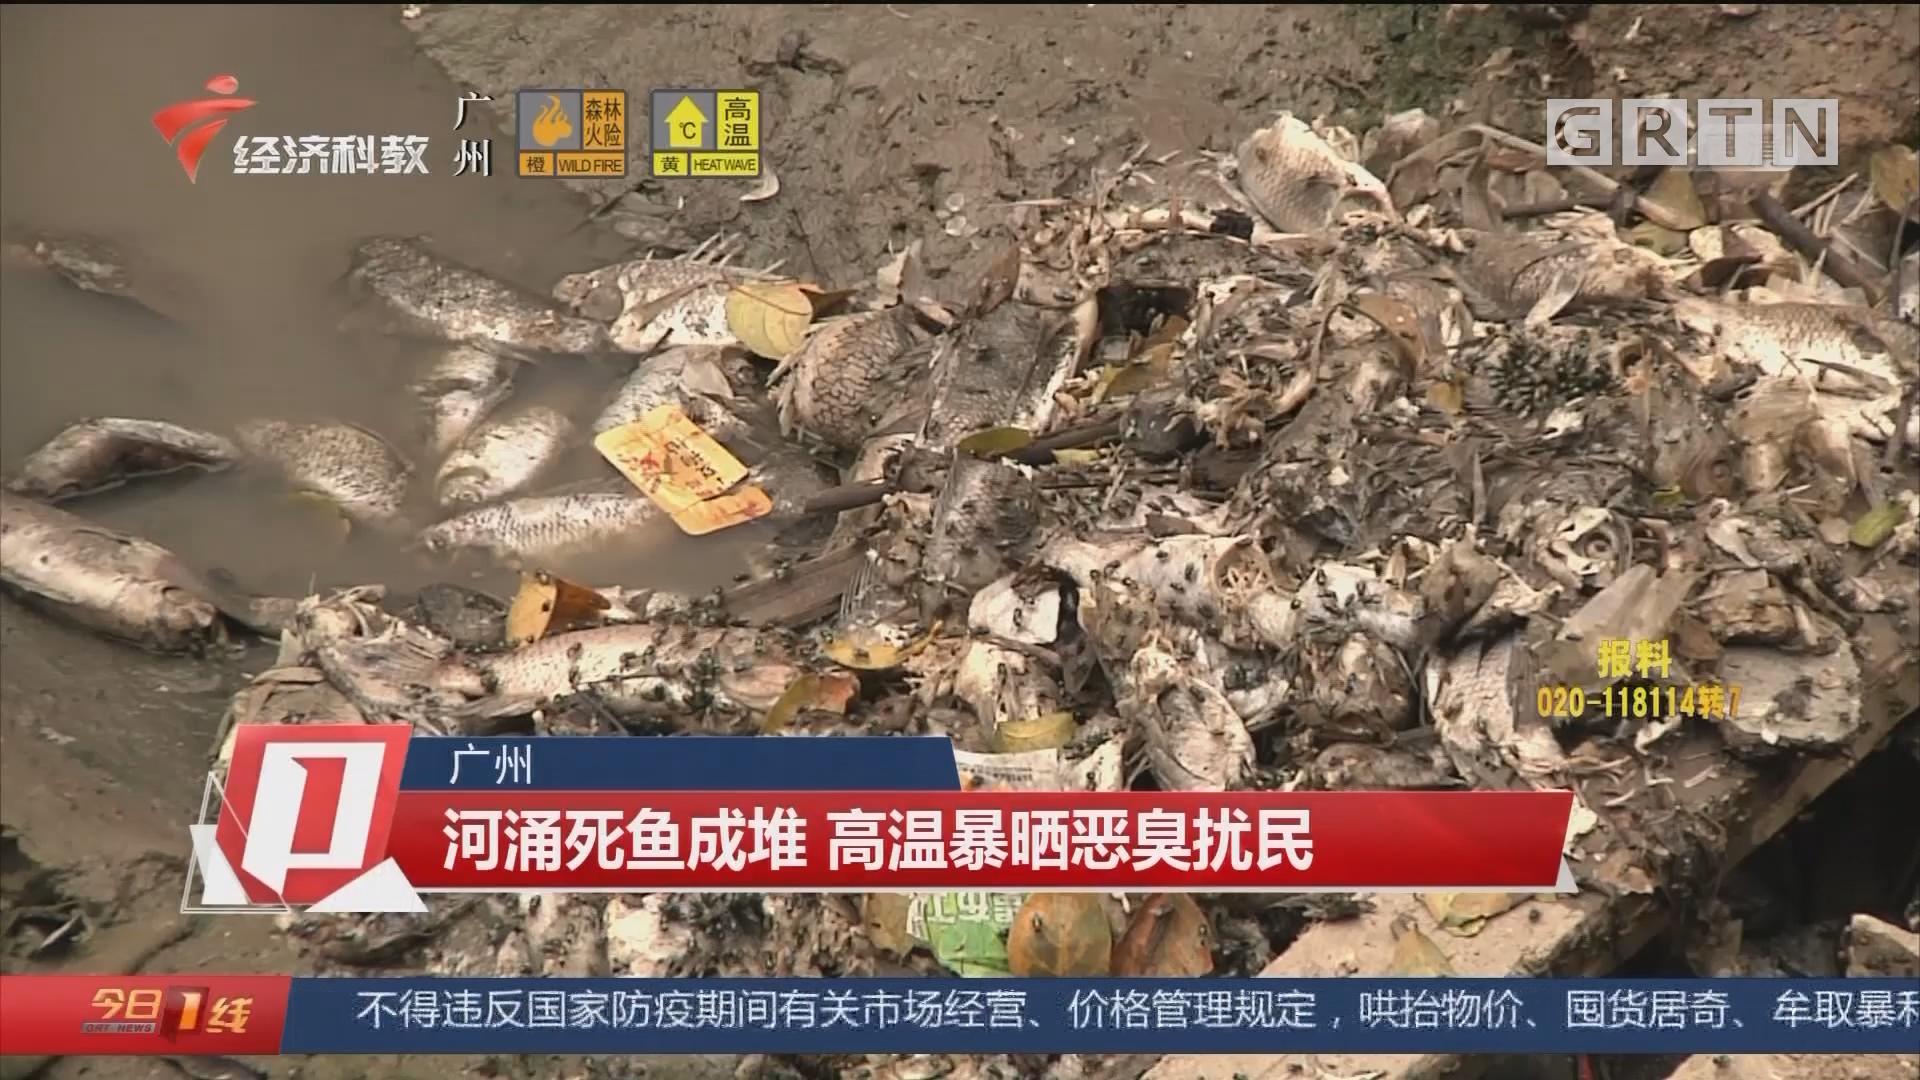 廣州 河涌死魚成堆 高溫暴曬惡臭擾民